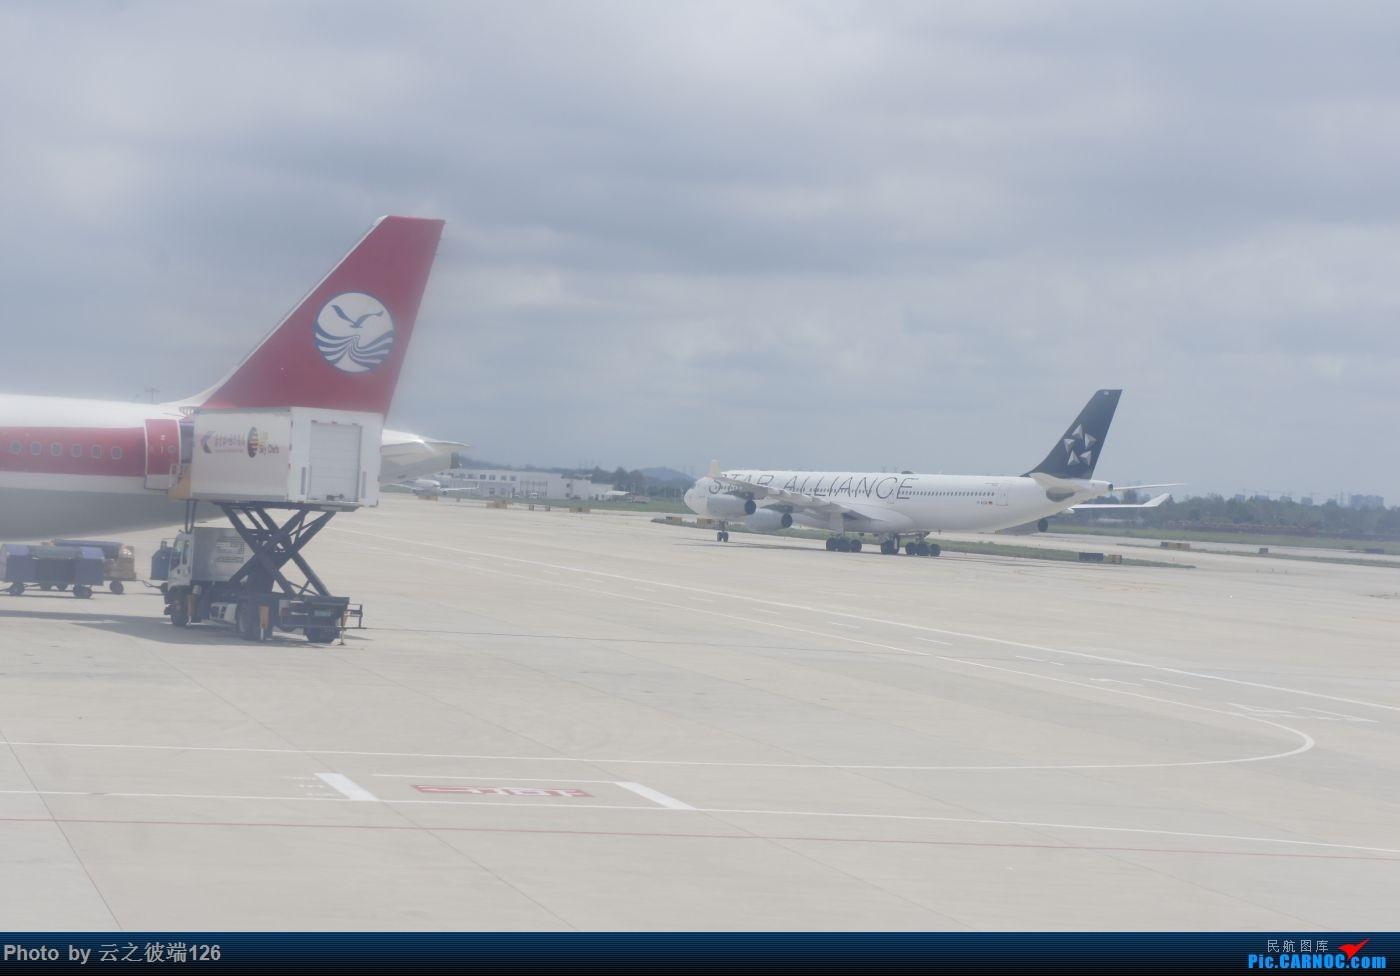 Re:[原创]---步入中原,时隔三年意外遇见你 NKG-XIY-HFE--- AIRBUS A340-300  中国南京禄口国际机场